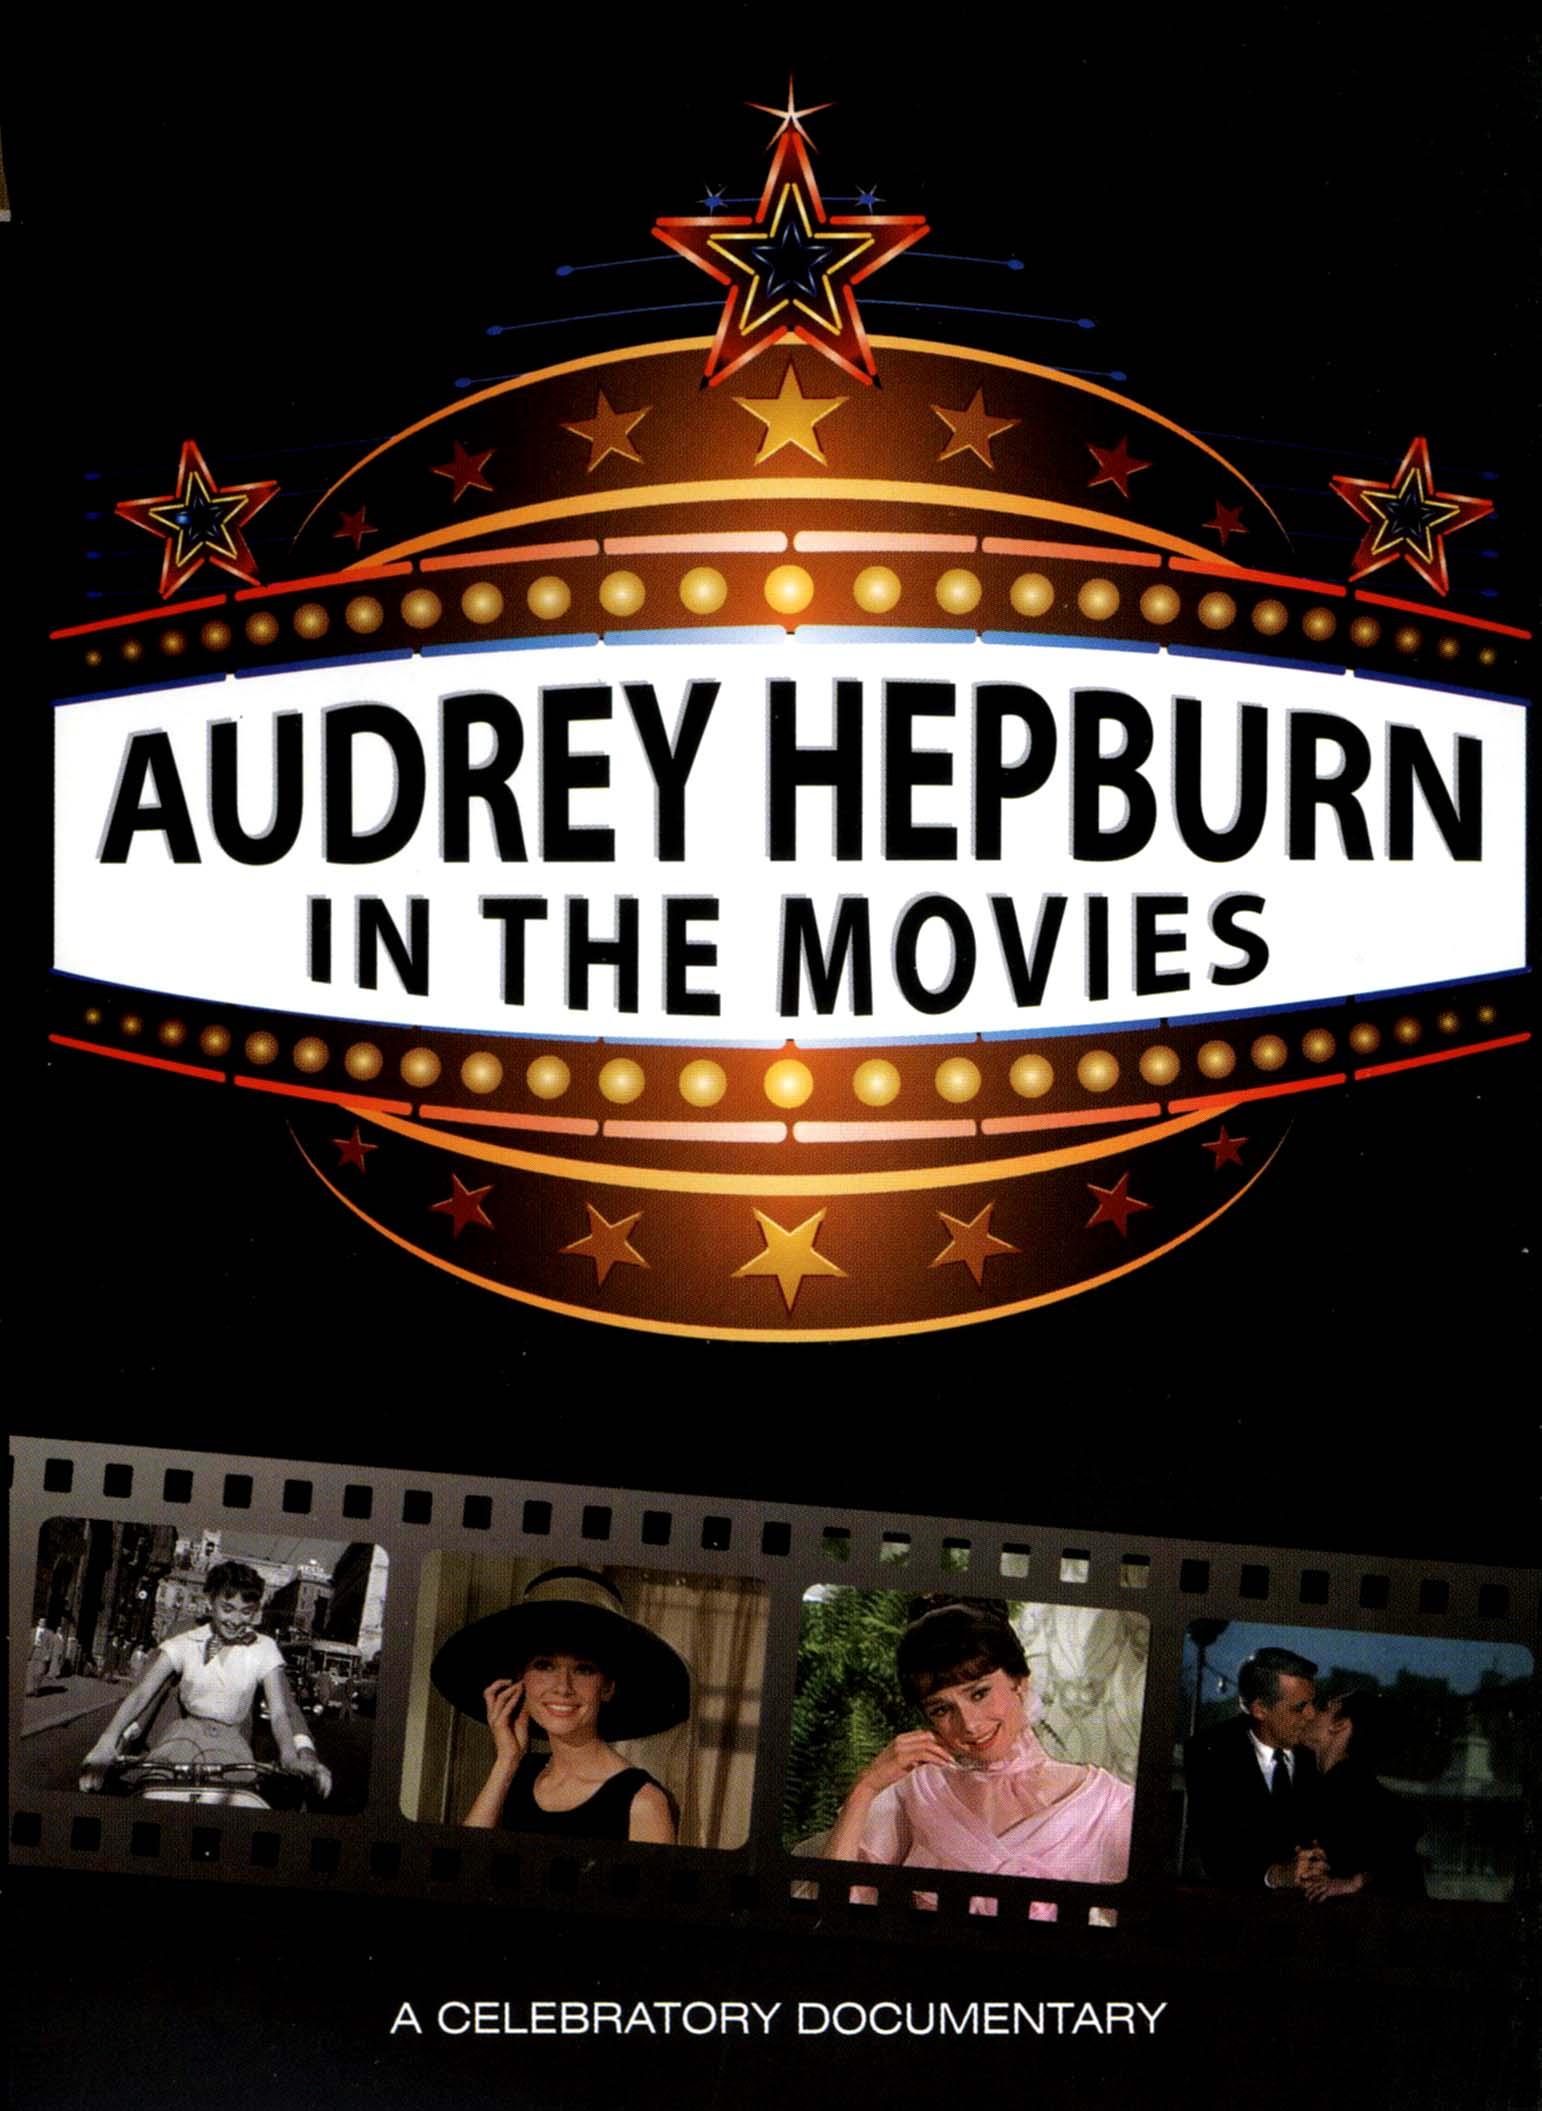 Audrey Hepburn in the Movies